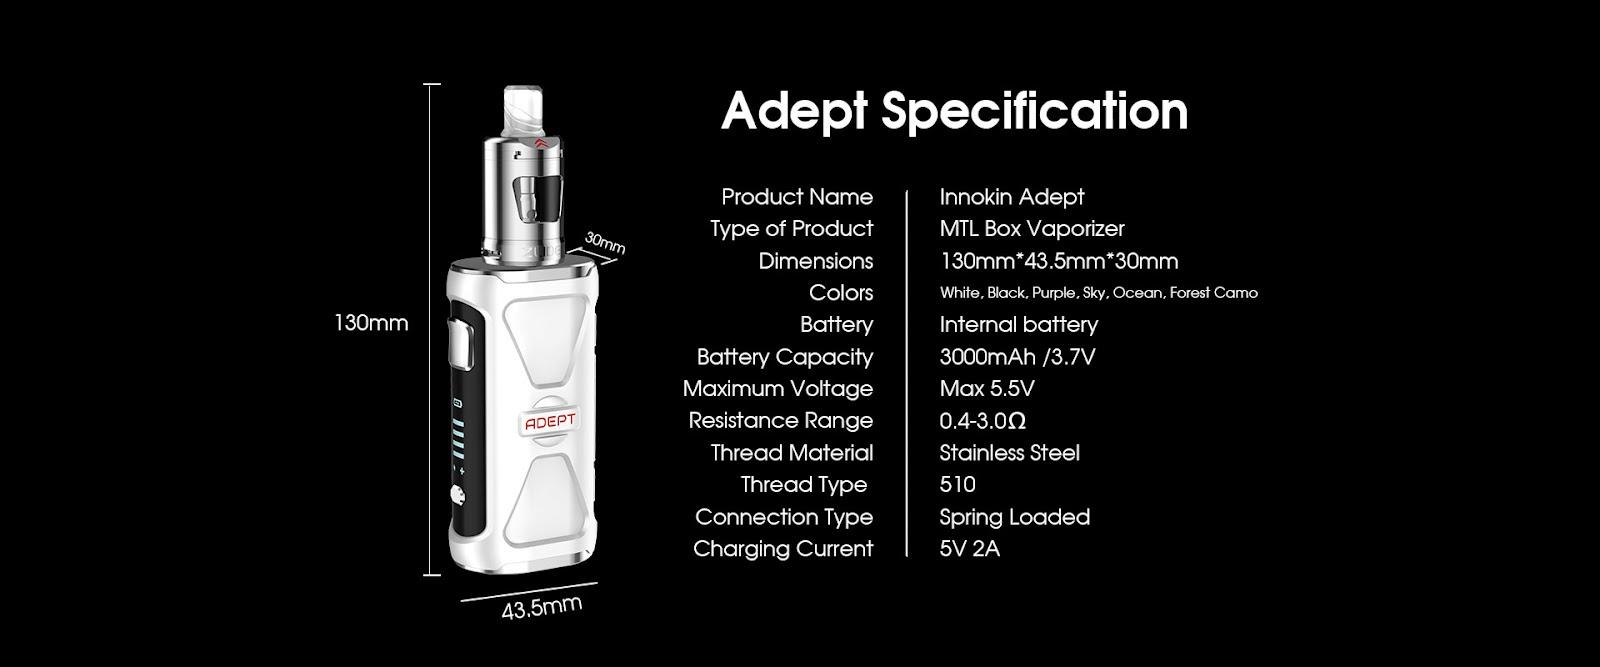 Innokin Adept Zlide Product Specifications